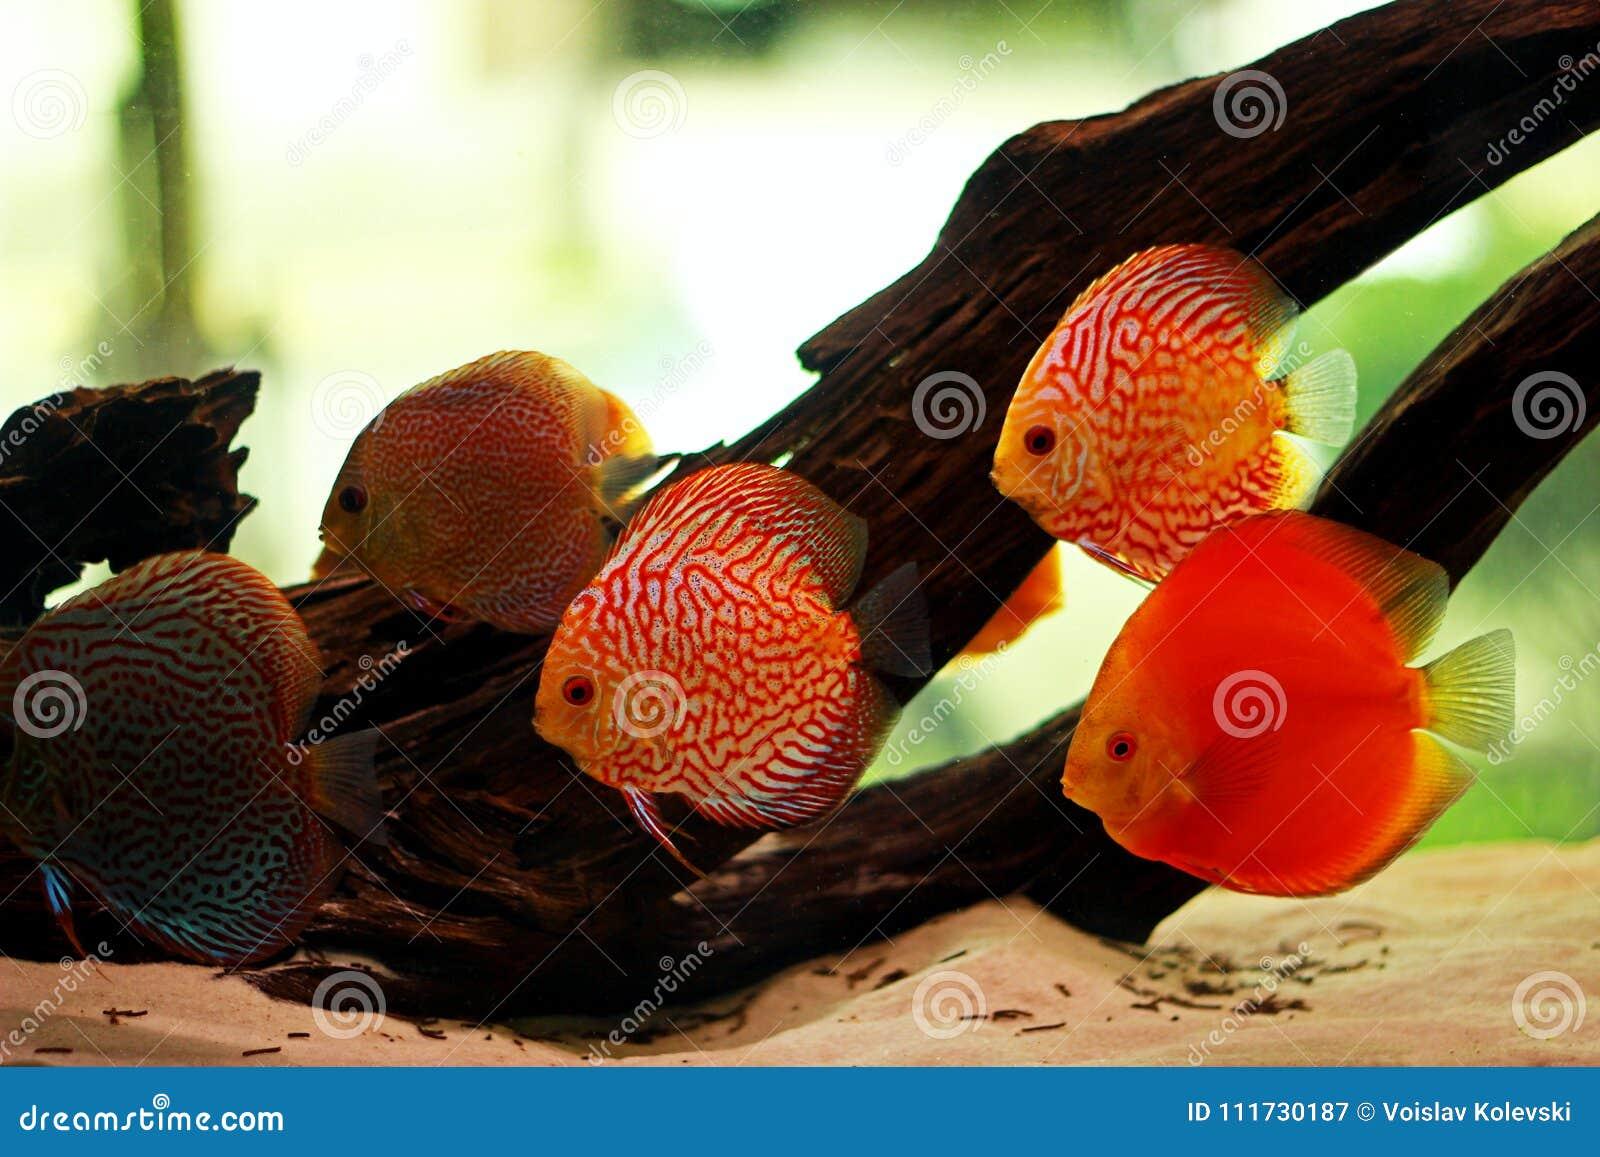 Discus Fish In Freshwater Aquarium Stock Image - Image of expensive ...